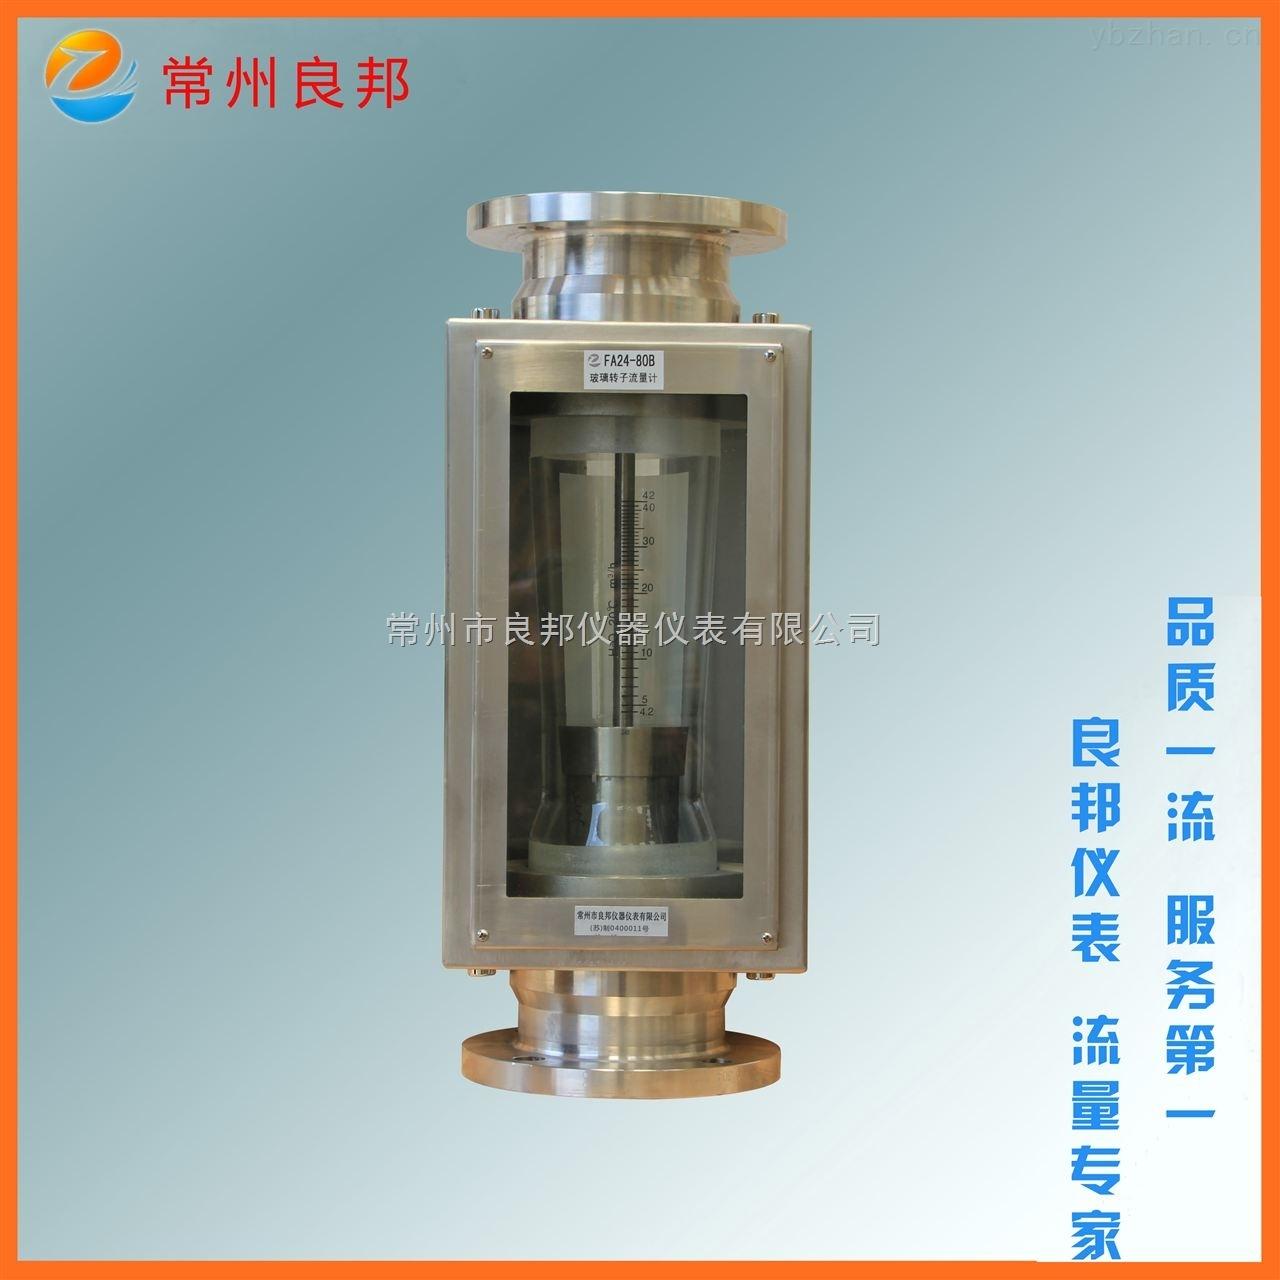 FA24-80B-常州不锈钢防腐玻璃转子流量计厂家